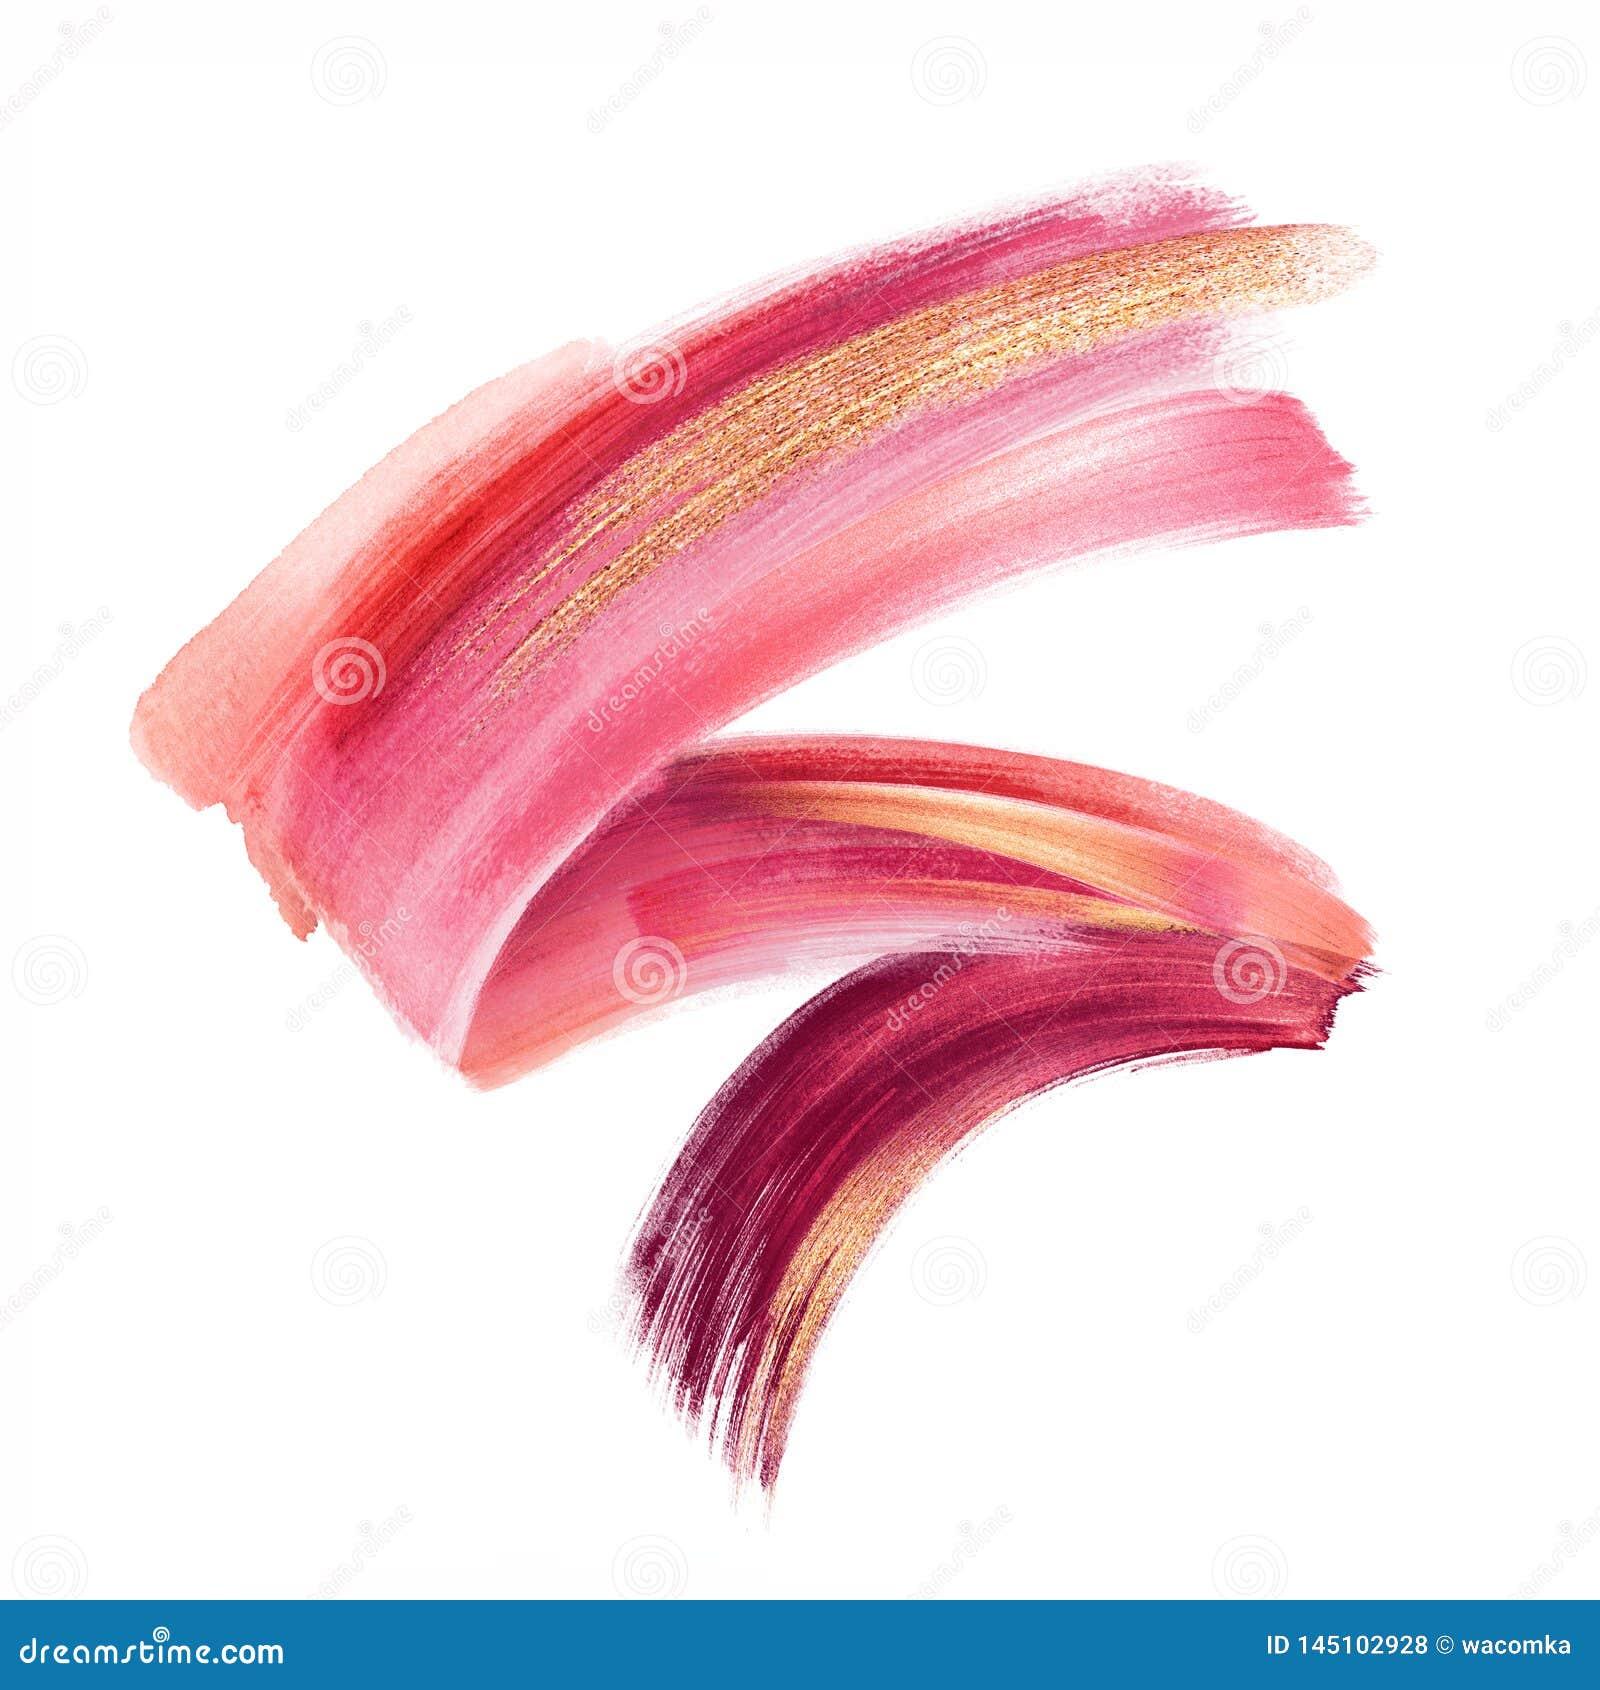 Ψηφιακή απεικόνιση, κόκκινο ρόδινο χρυσό χρώμα, κτύπημα βουρτσών που α